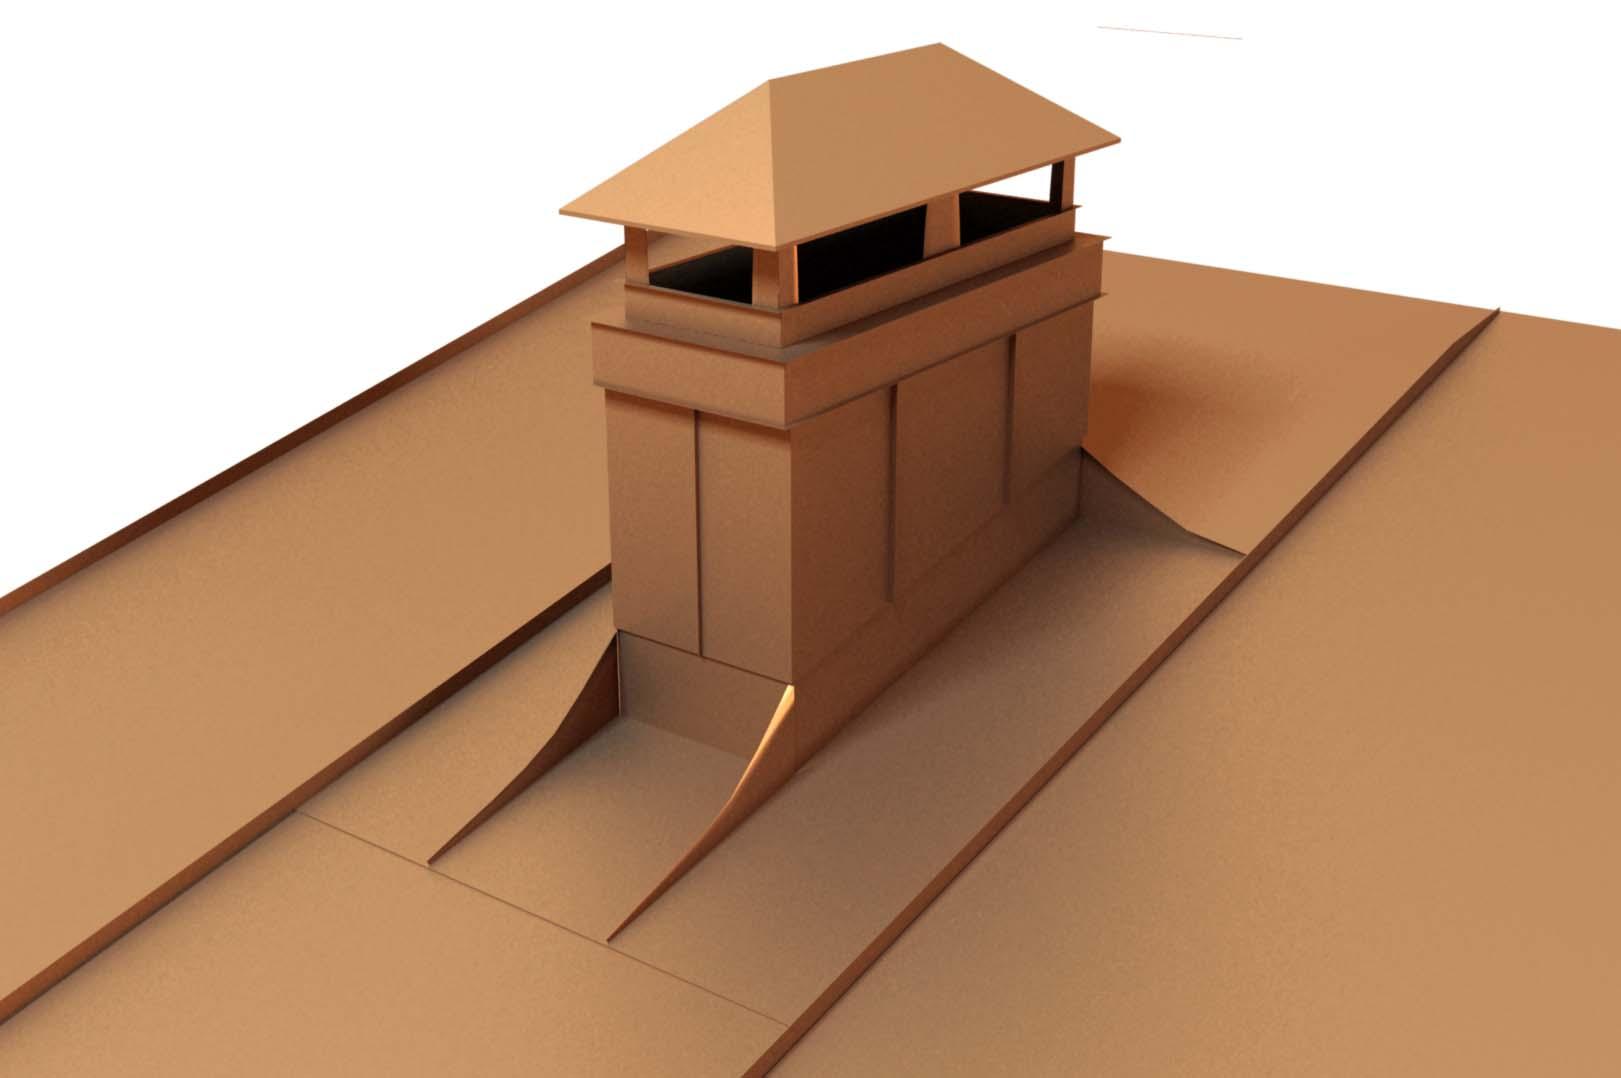 Герметизация и проход трубы через крышу дома